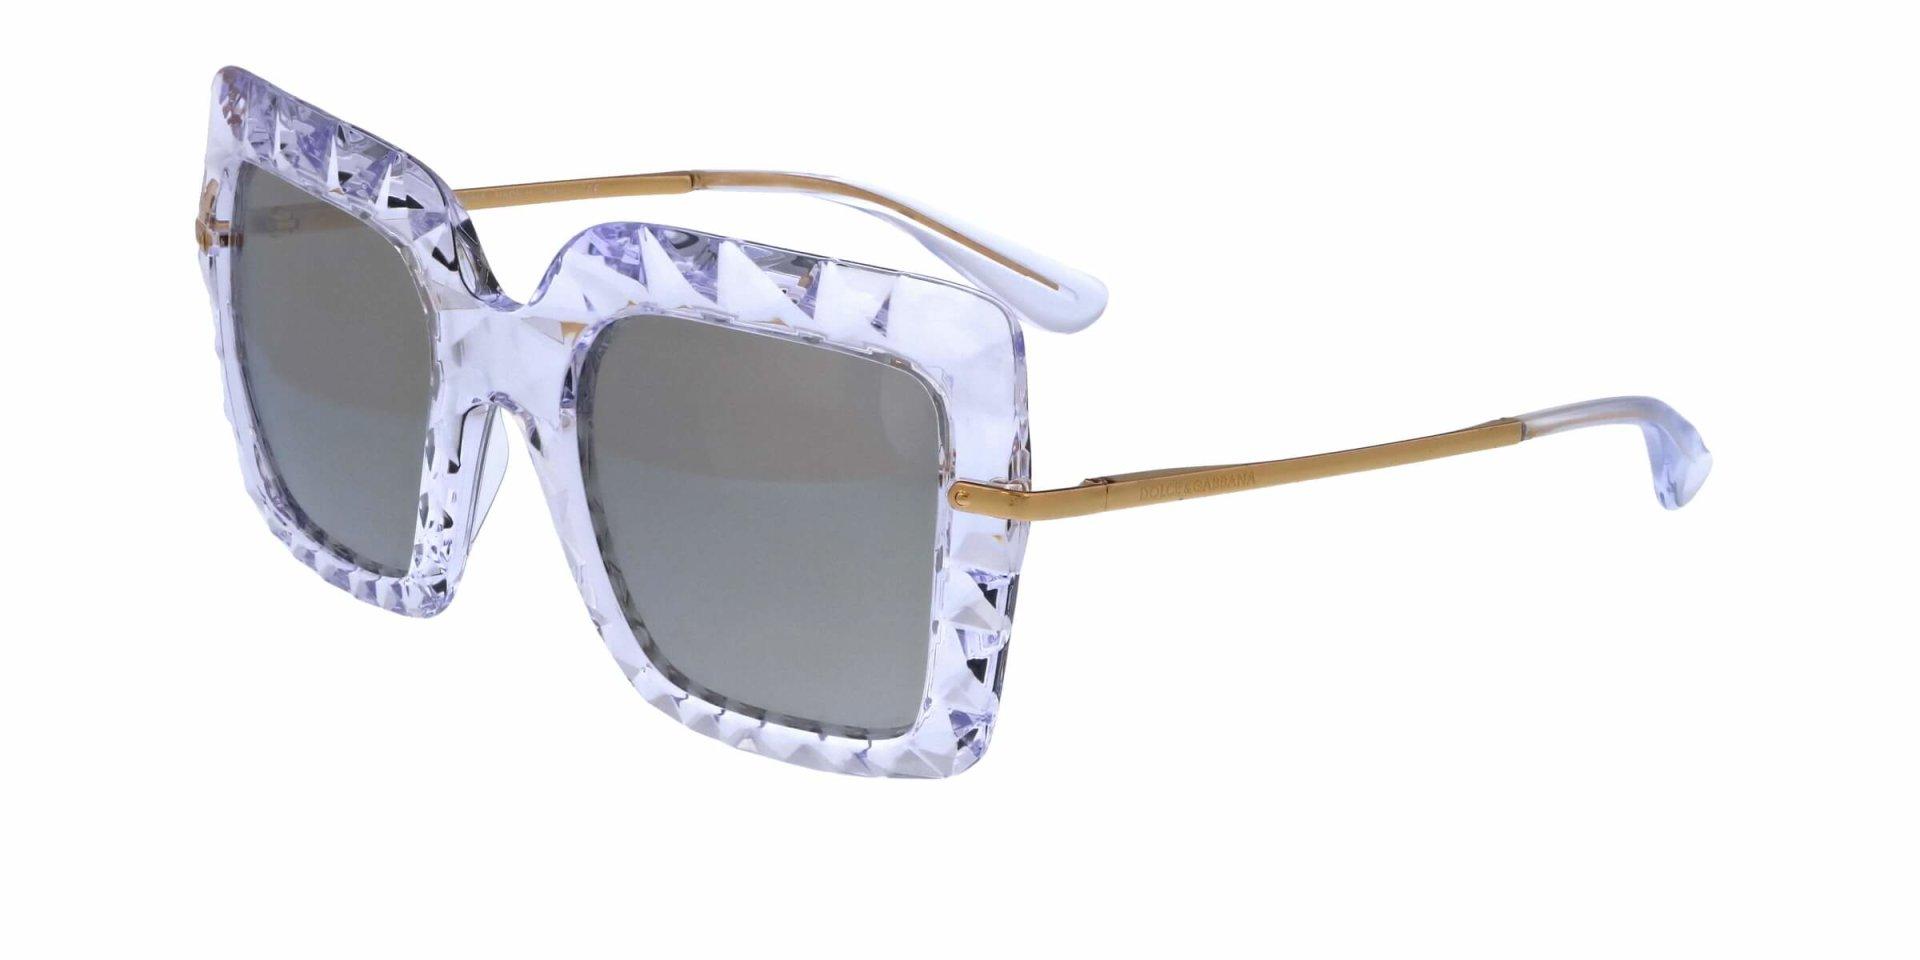 Dolce&Gabbana DG6111 3133/6G Sonnenbrille oigzdeC